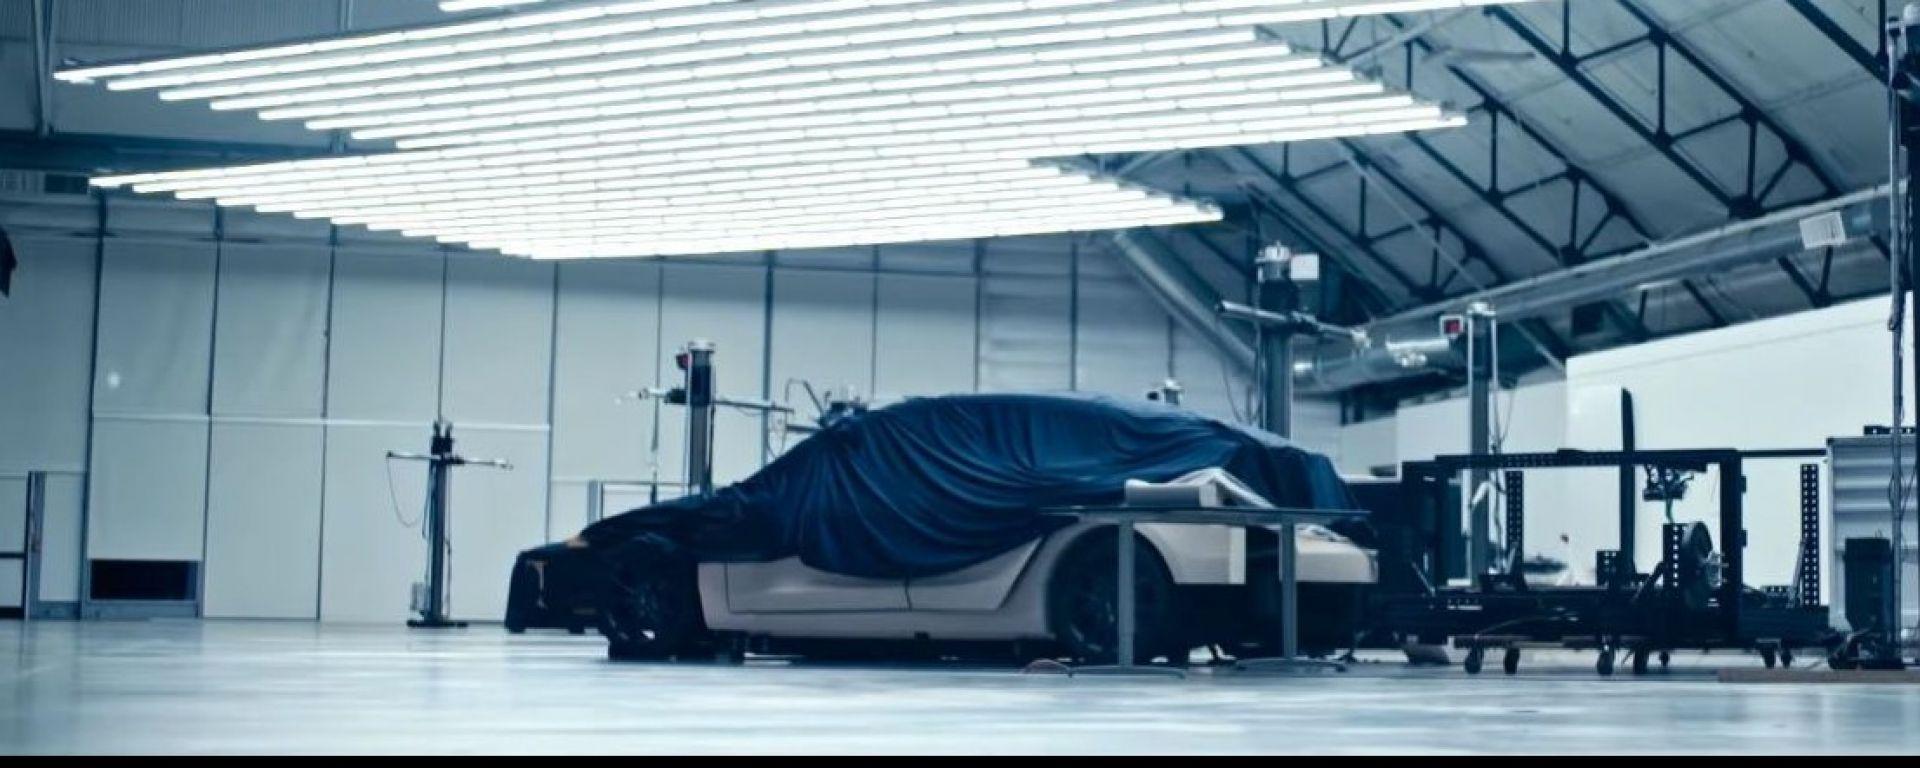 Tesla Model Y: è lei o non è lei l'auto sotto il telo?